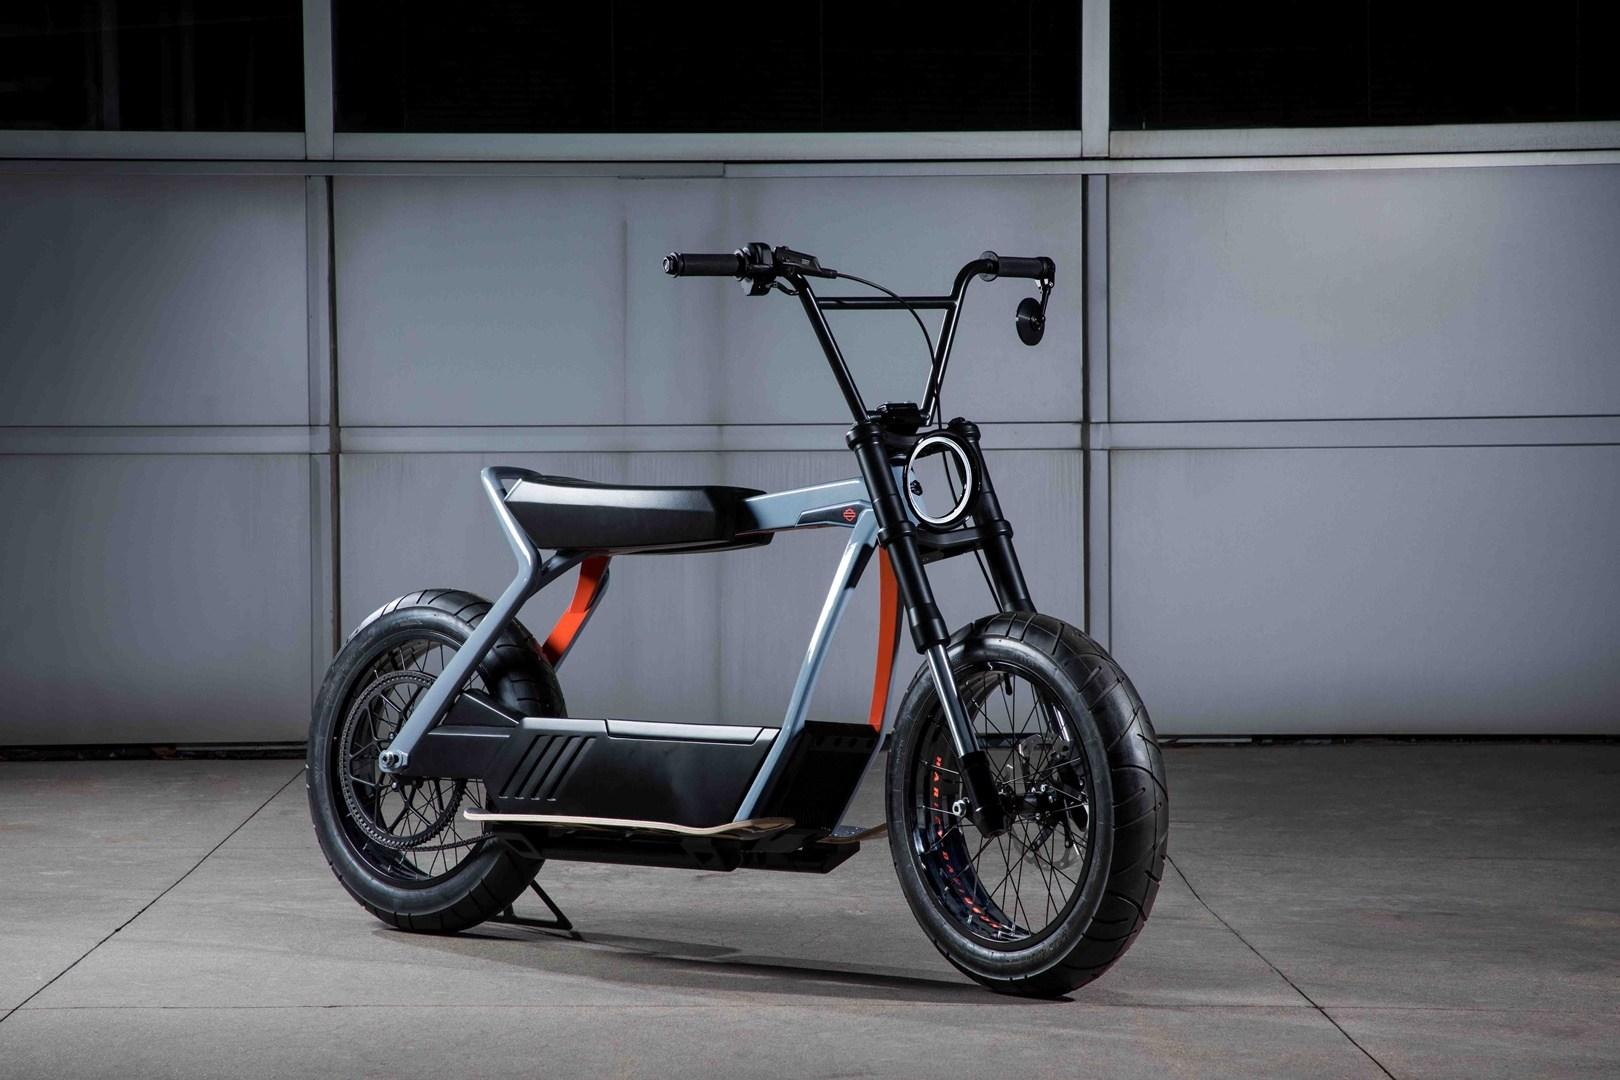 Harley-Davidson muestra dos prototipos eléctricos en los X Games de Aspen